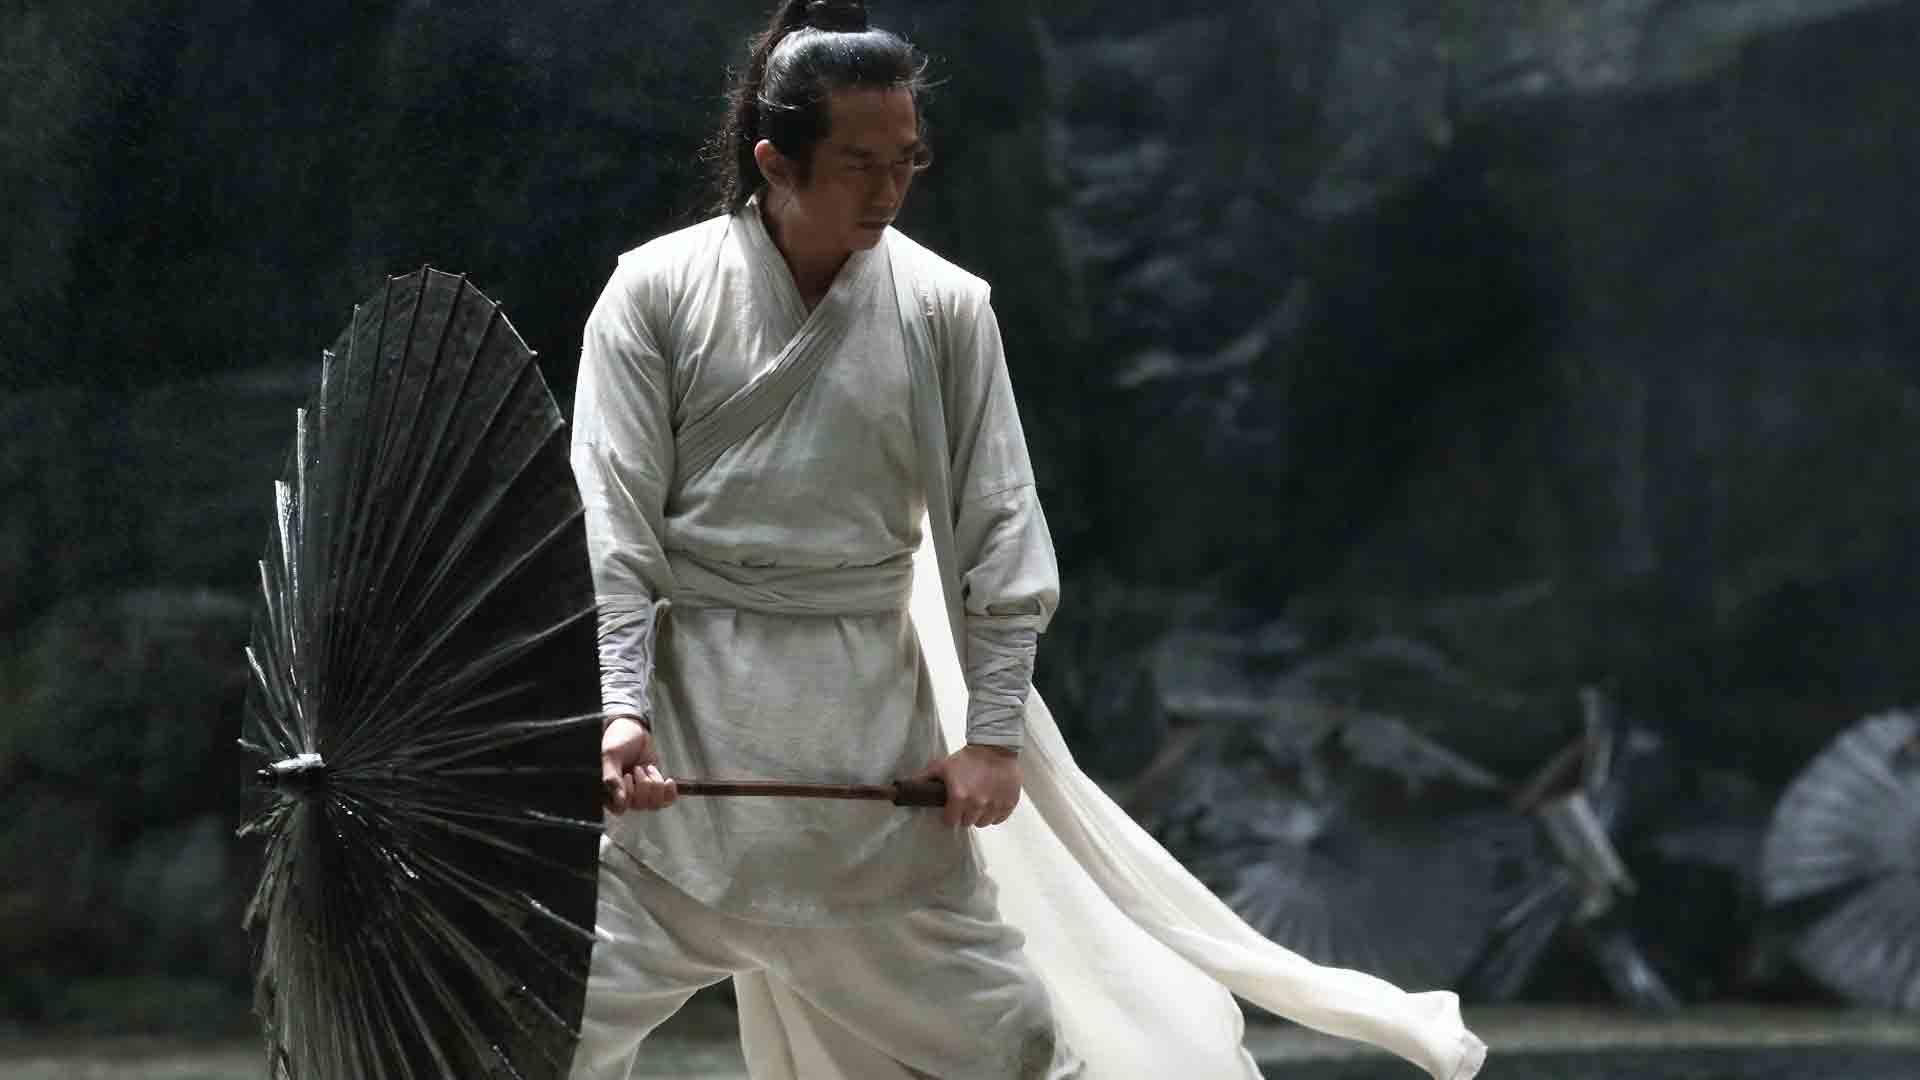 فیلم اکشن خارجی سایه - Shadow